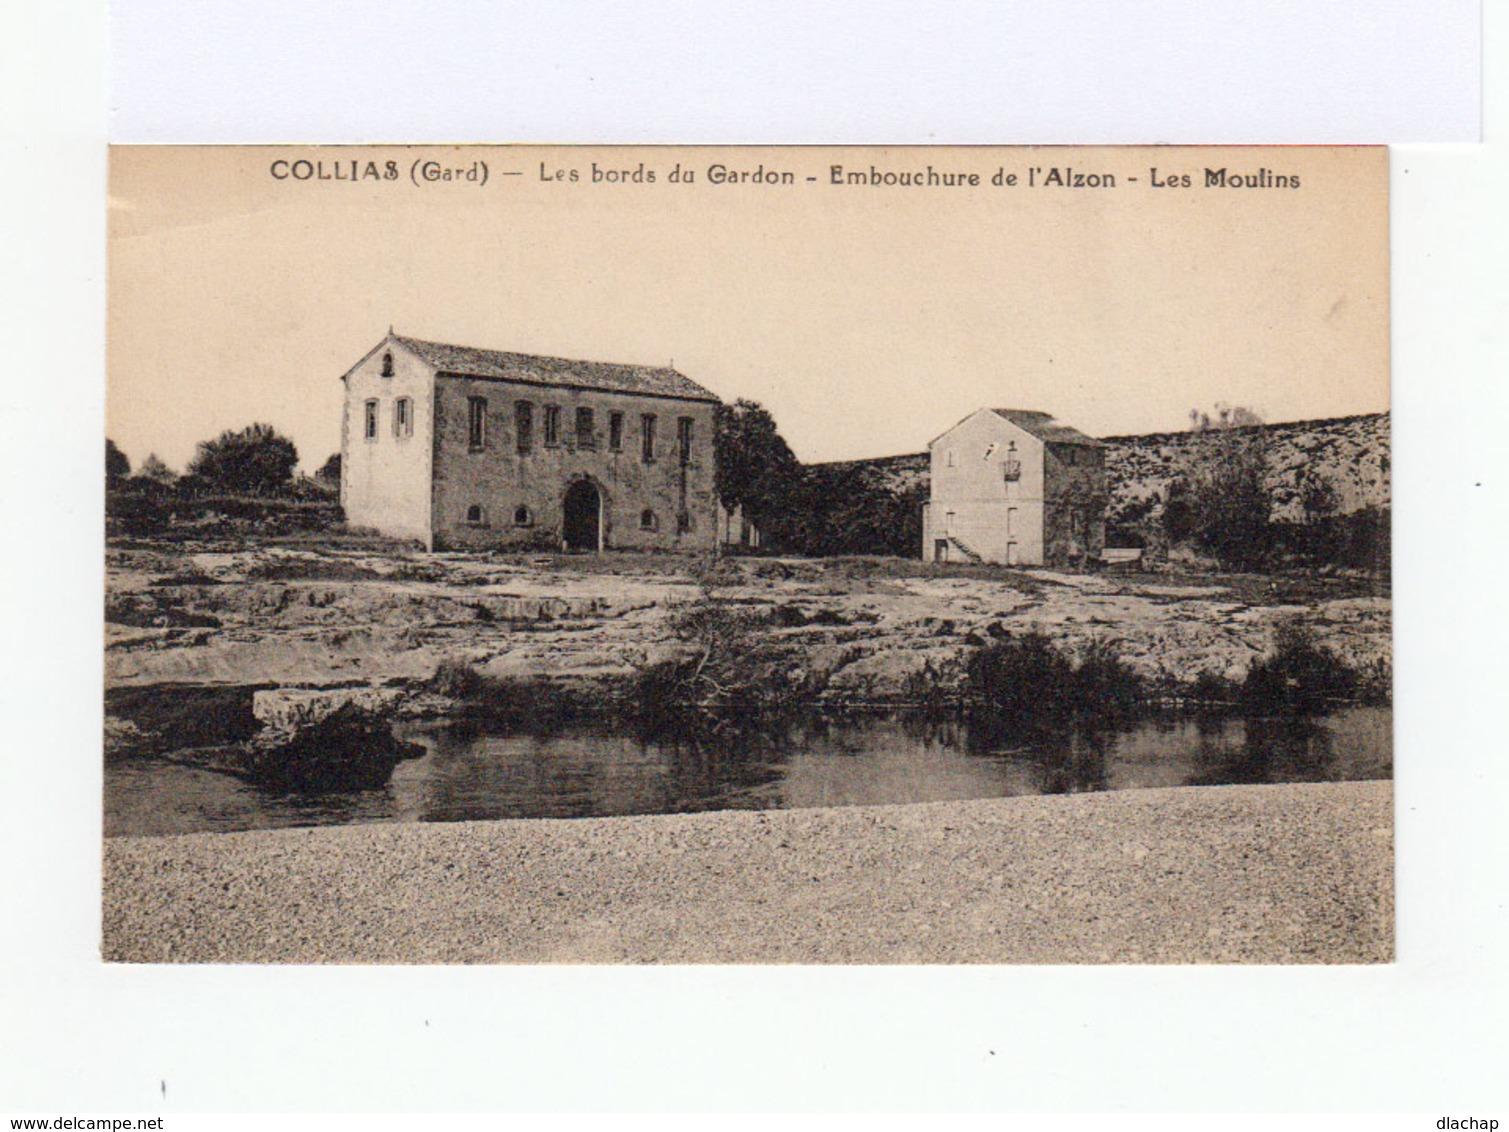 Collias. Gard. Les Bords Du Gardon. Embouchure De L'Alzon. Les Moulins. (3149) - France